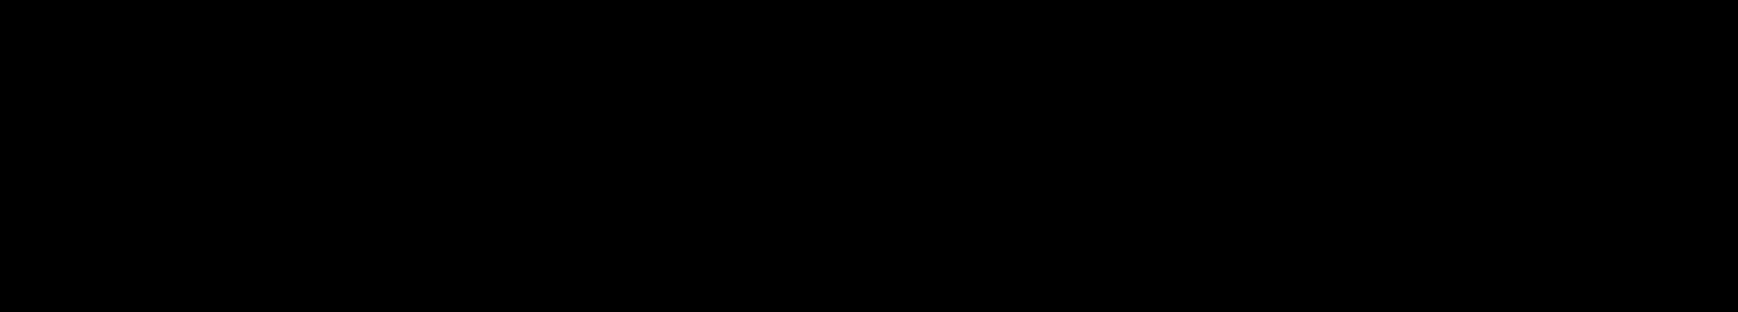 Image-Shr-vic-1